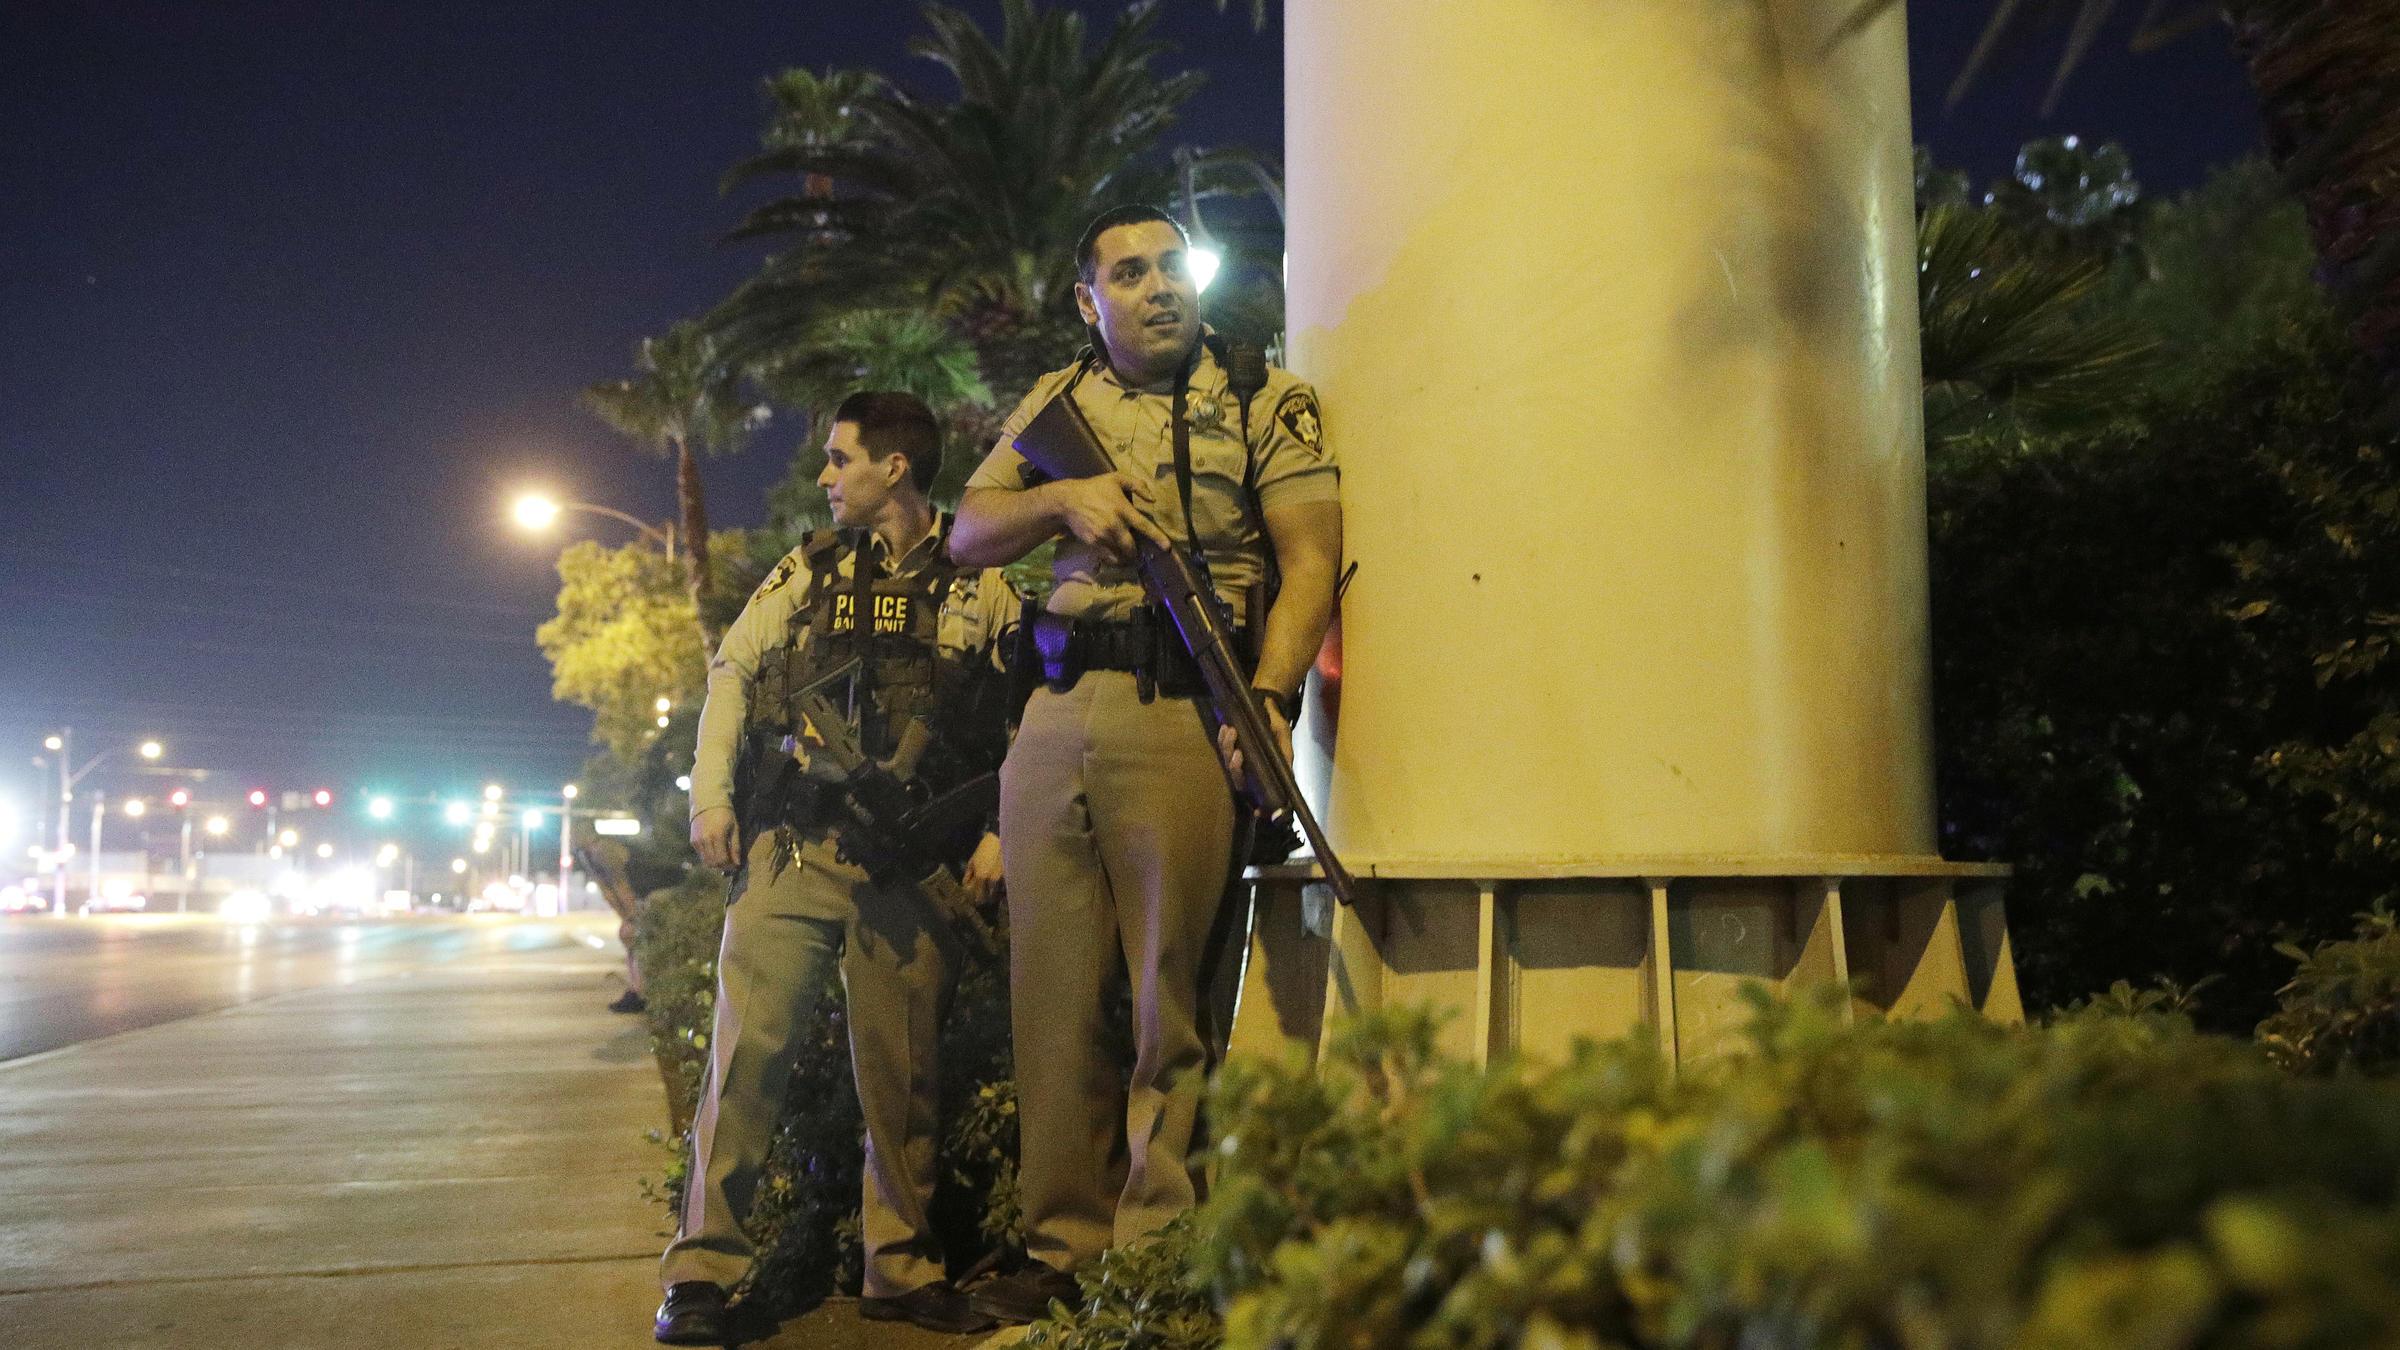 Shooting Update: Las Vegas Shooting Update: At Least 59 People Are Dead